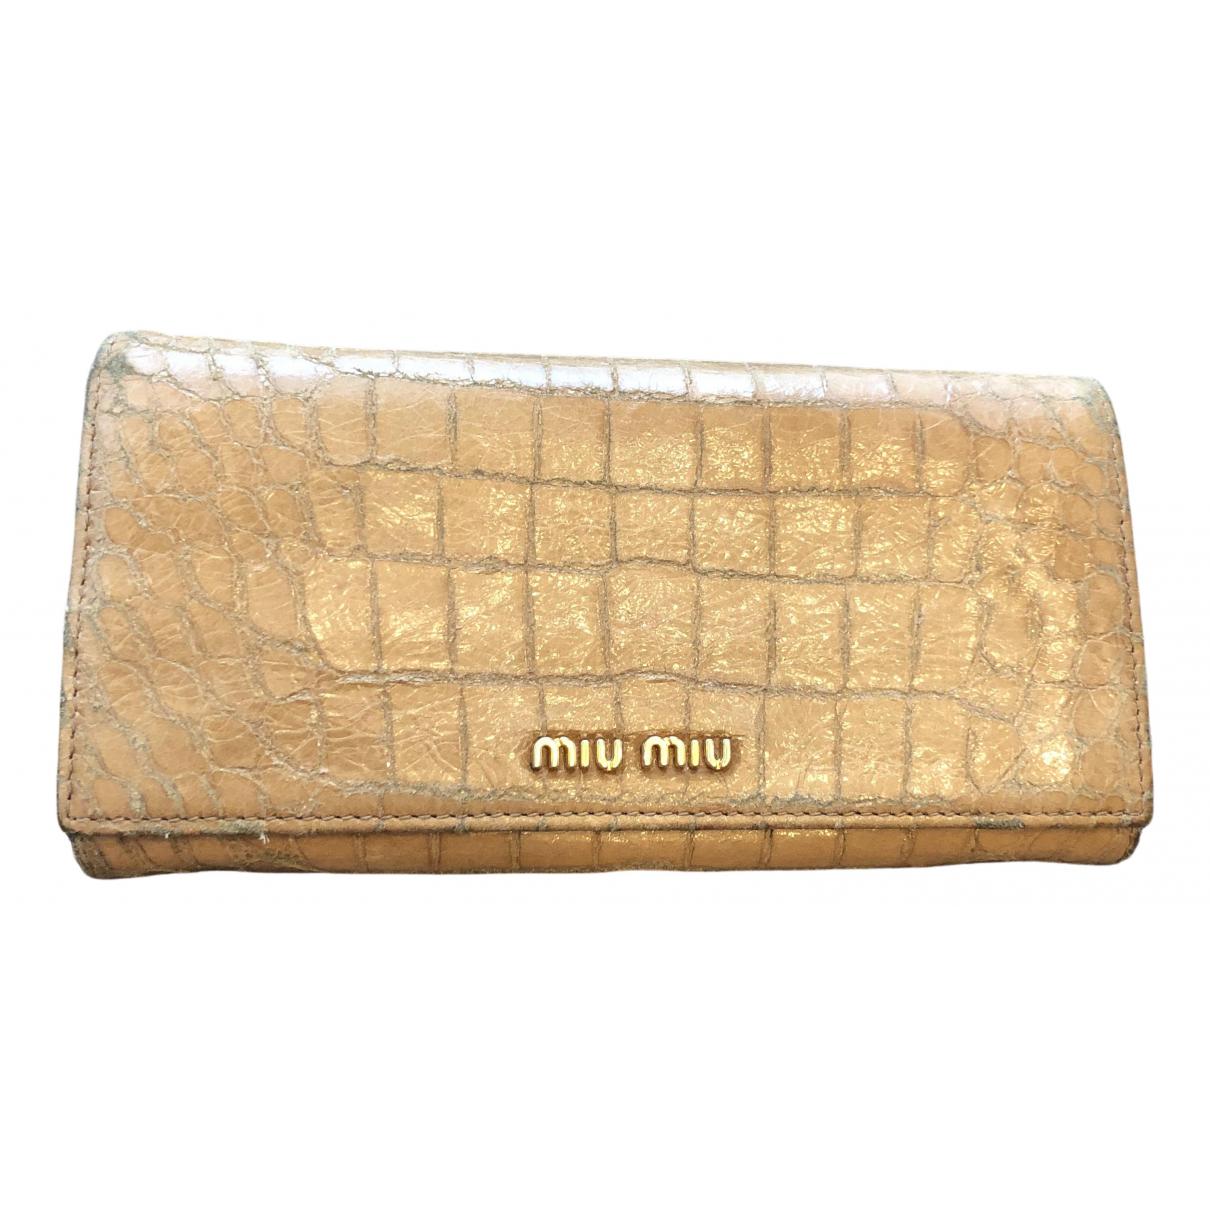 Miu Miu - Portefeuille   pour femme en cuir - marron